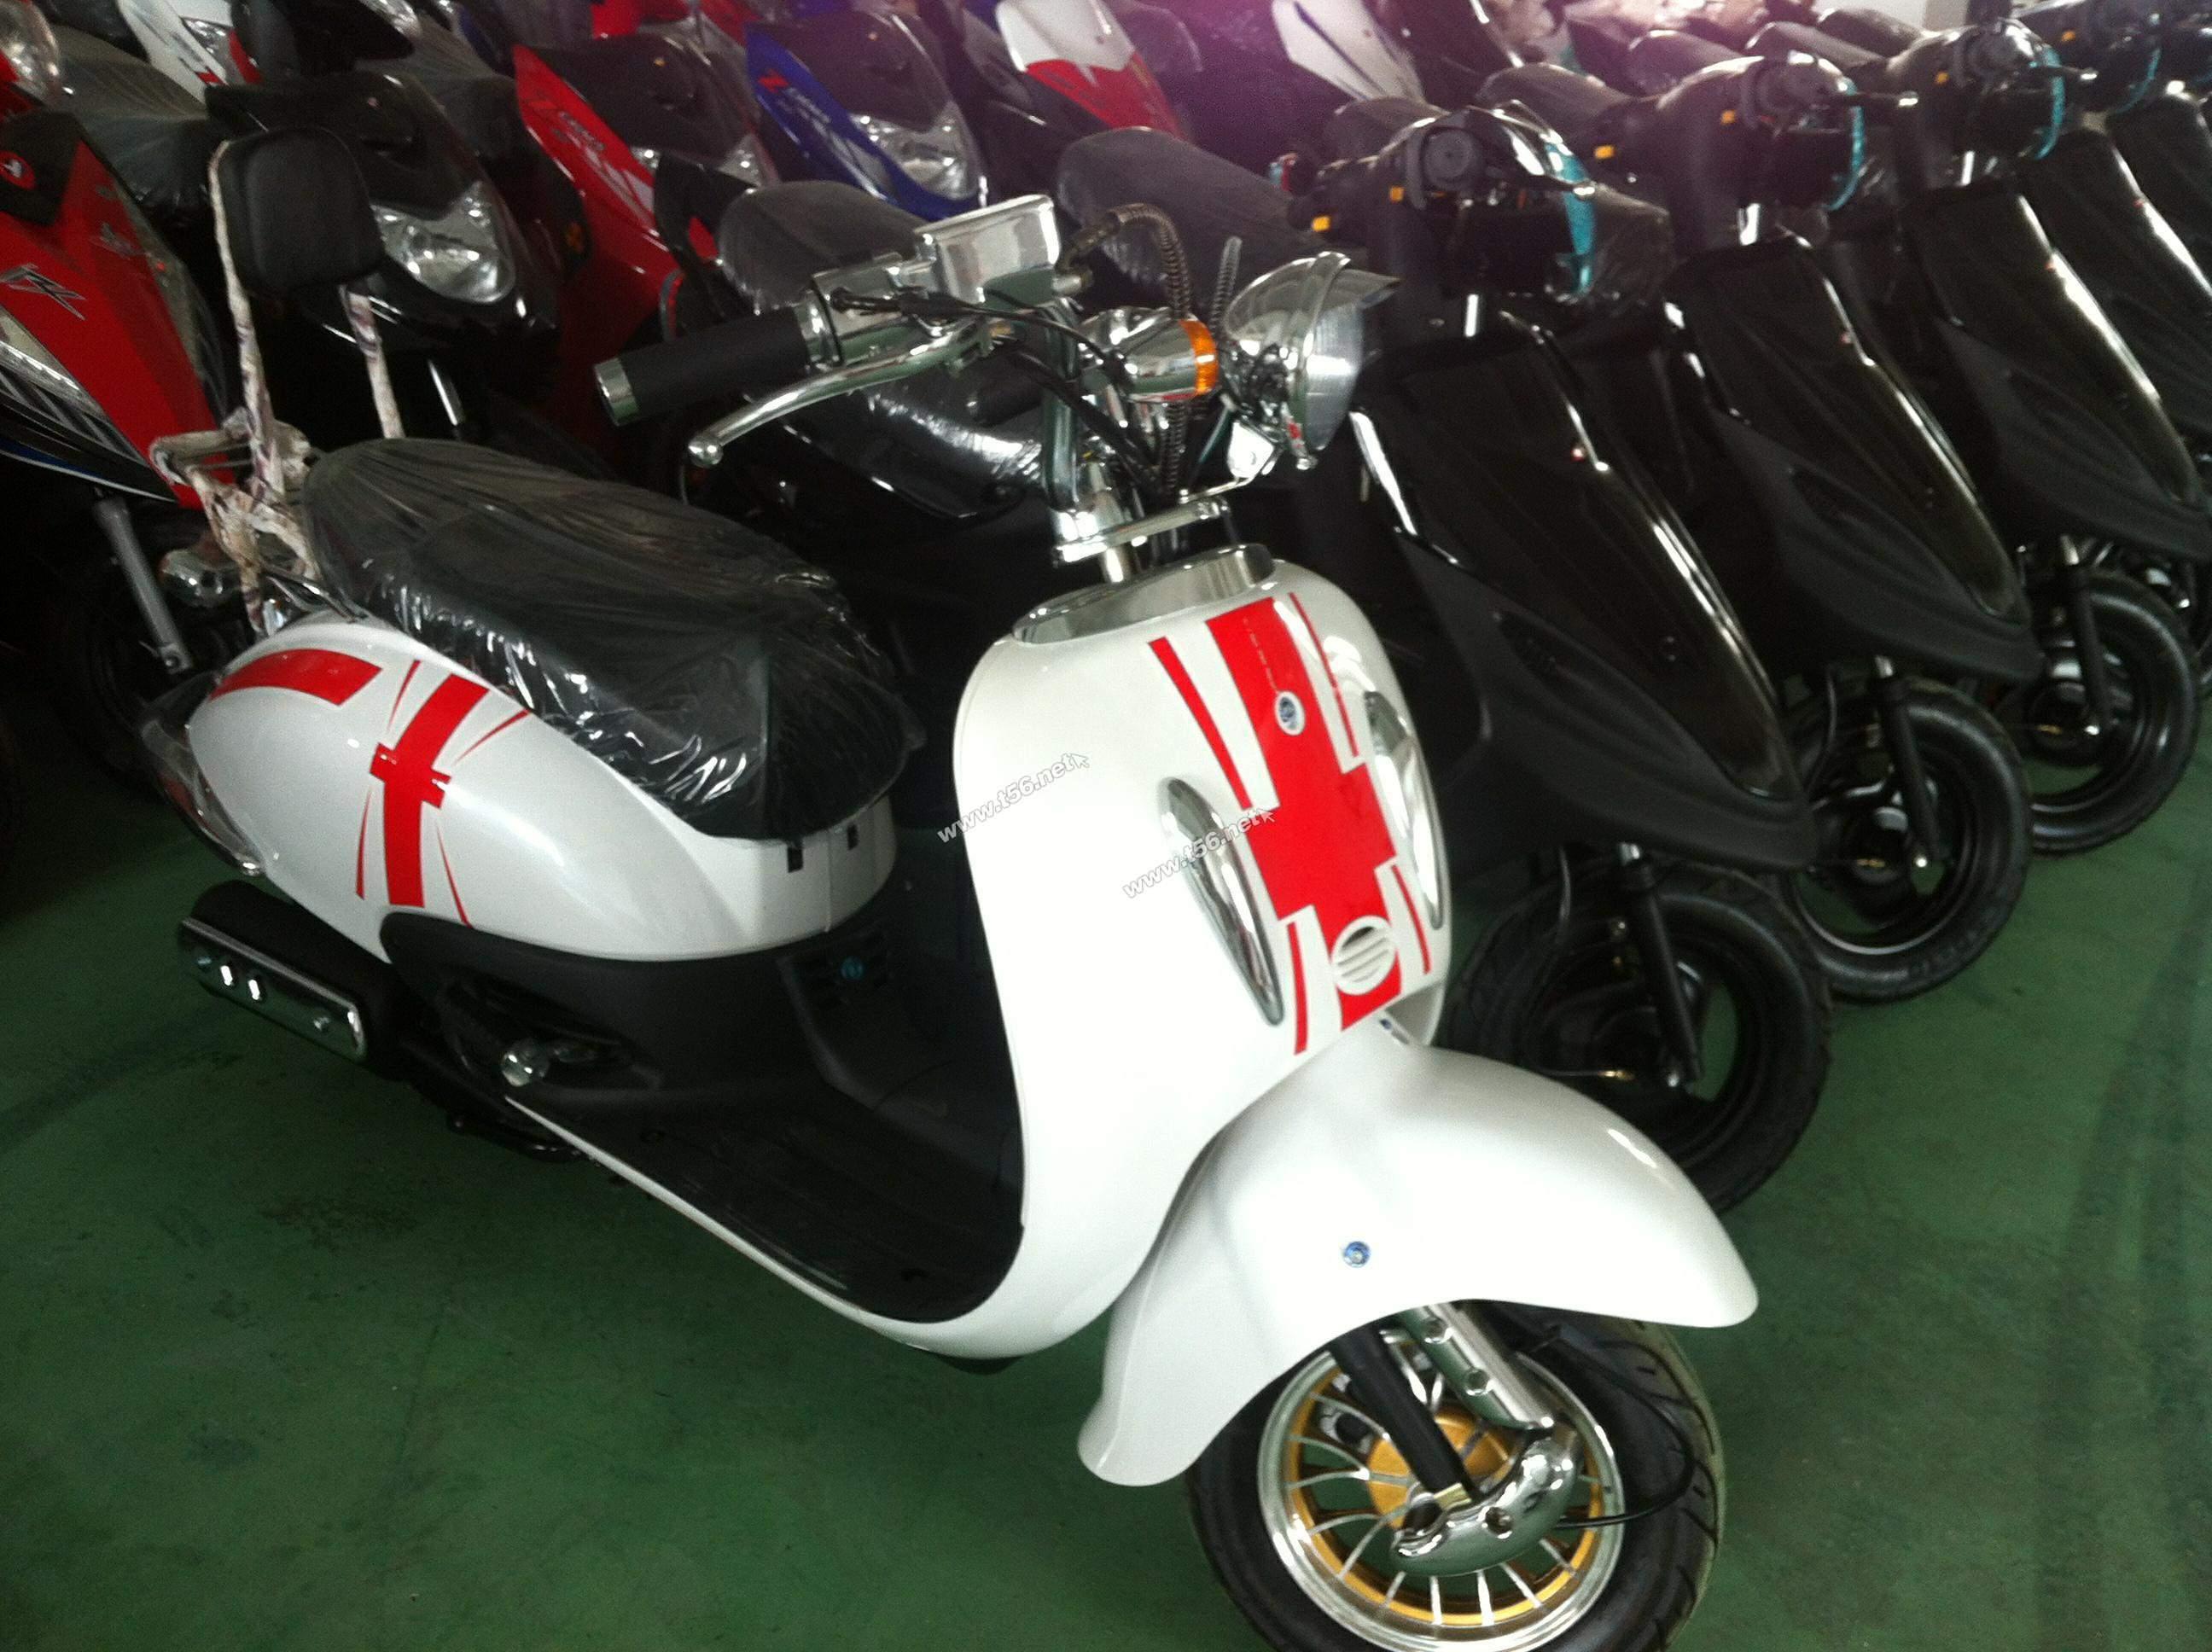 大龟王摩托车怎么样大龟王摩托车怎么样,大概?